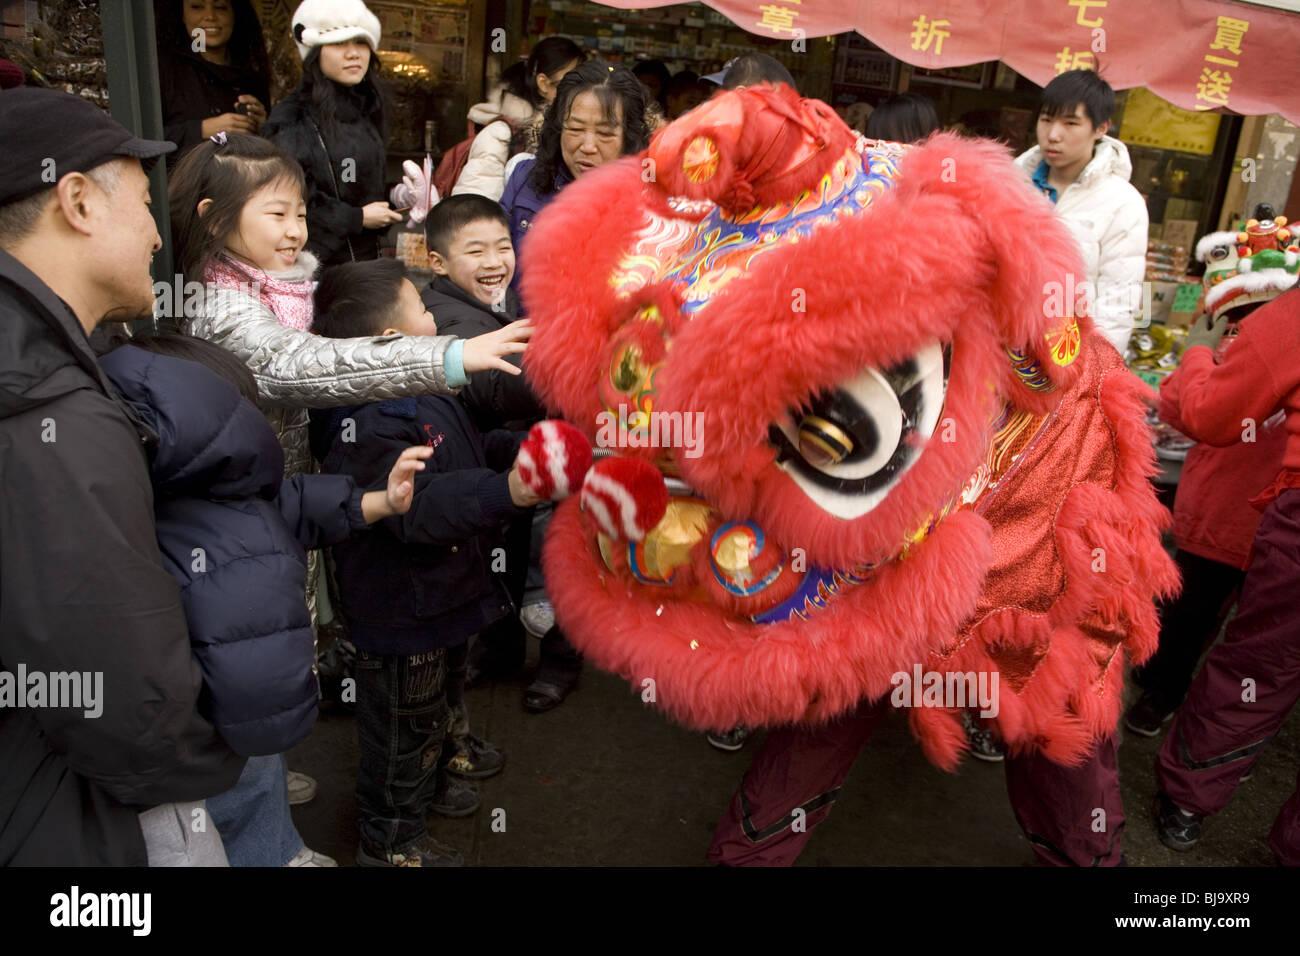 chinesisches neues Jahr nyc